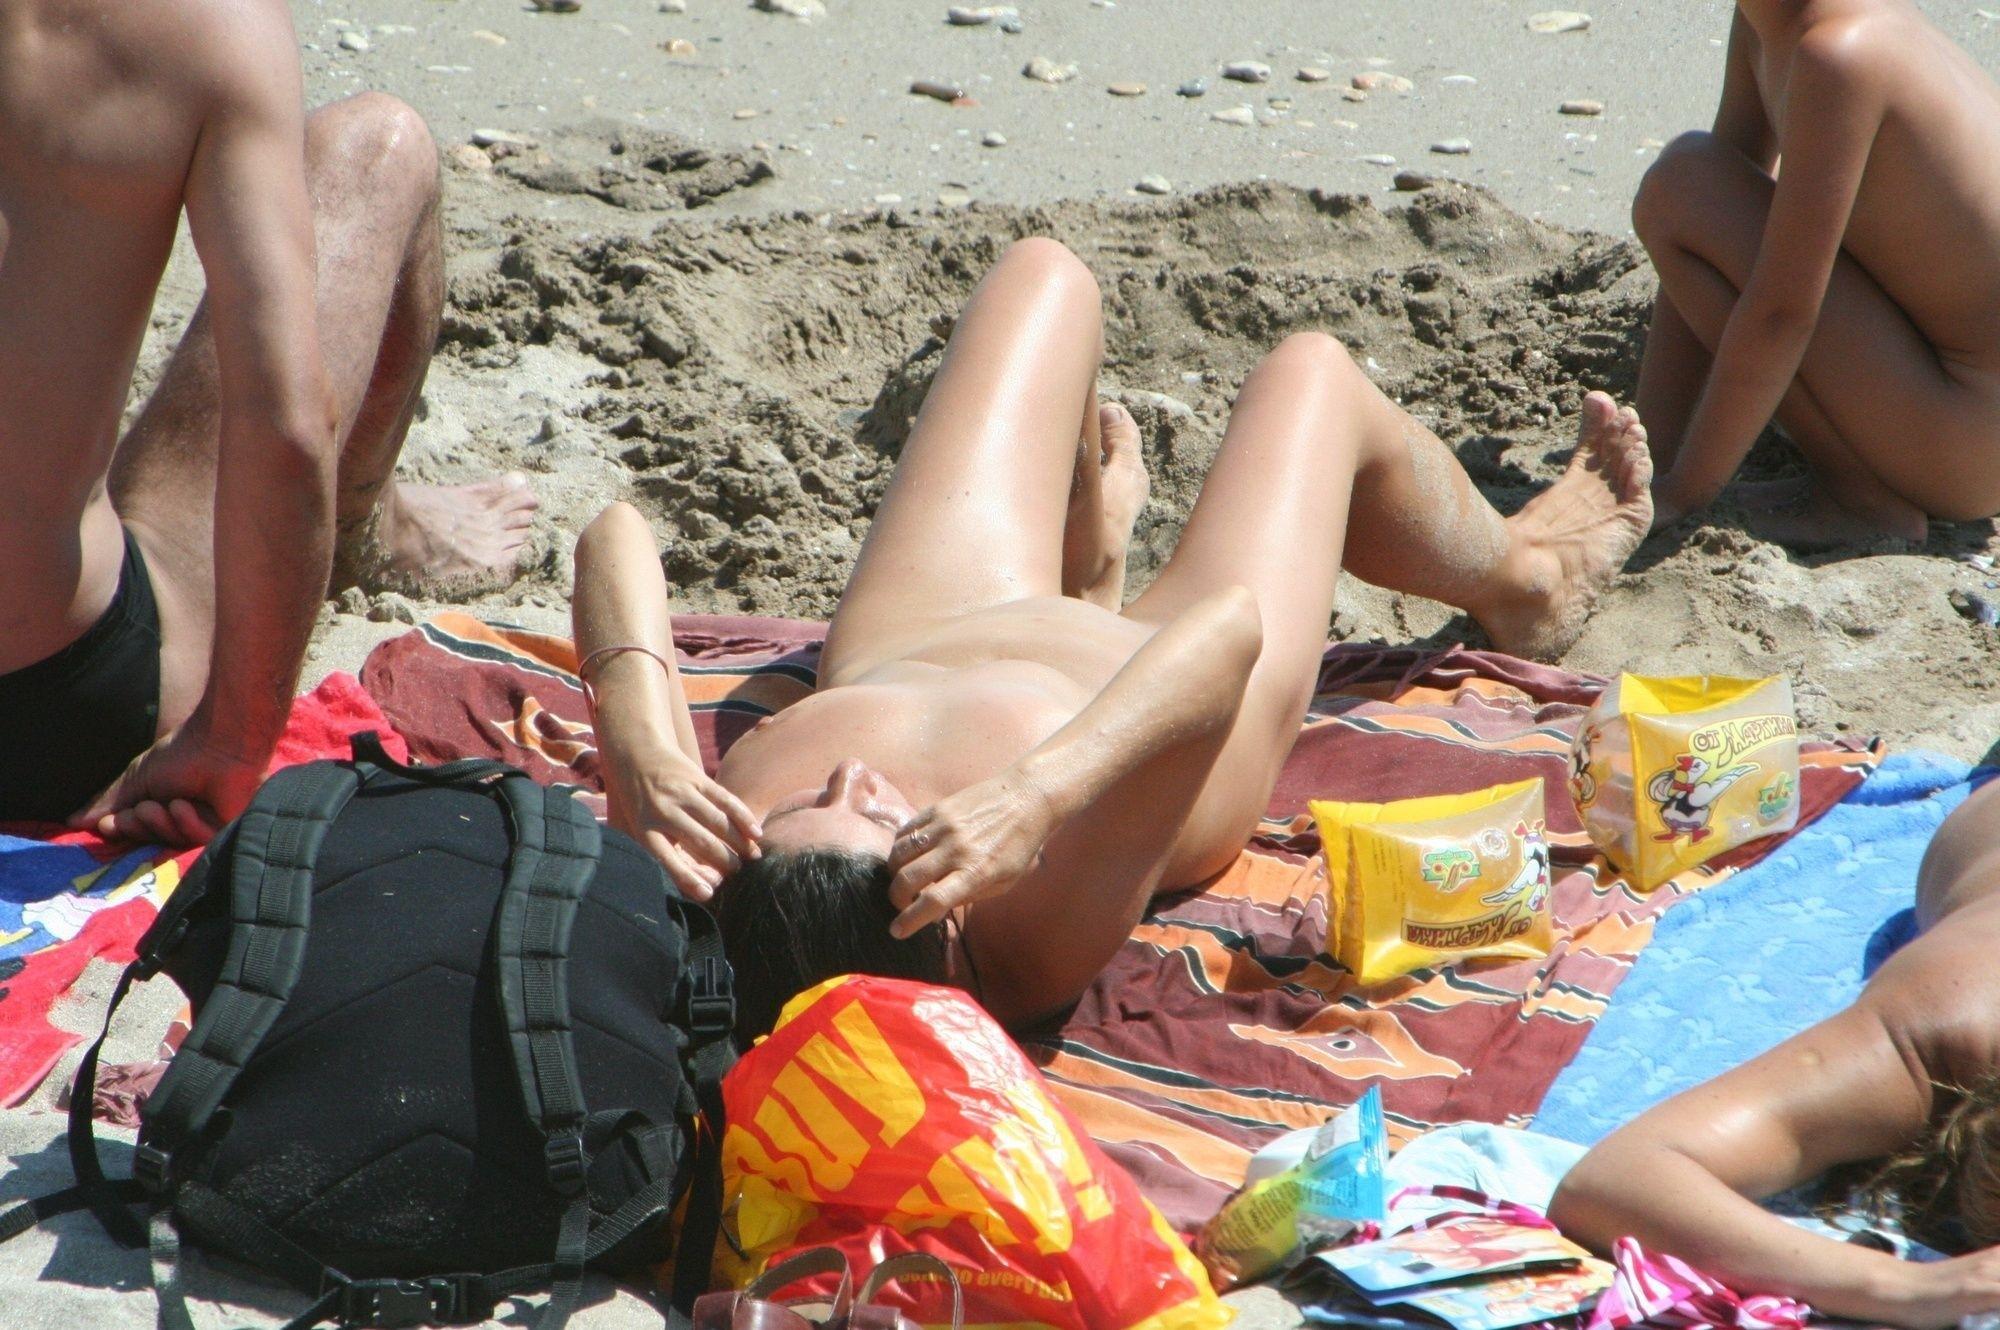 большие сиськи фотки подглядывание пляже думаю